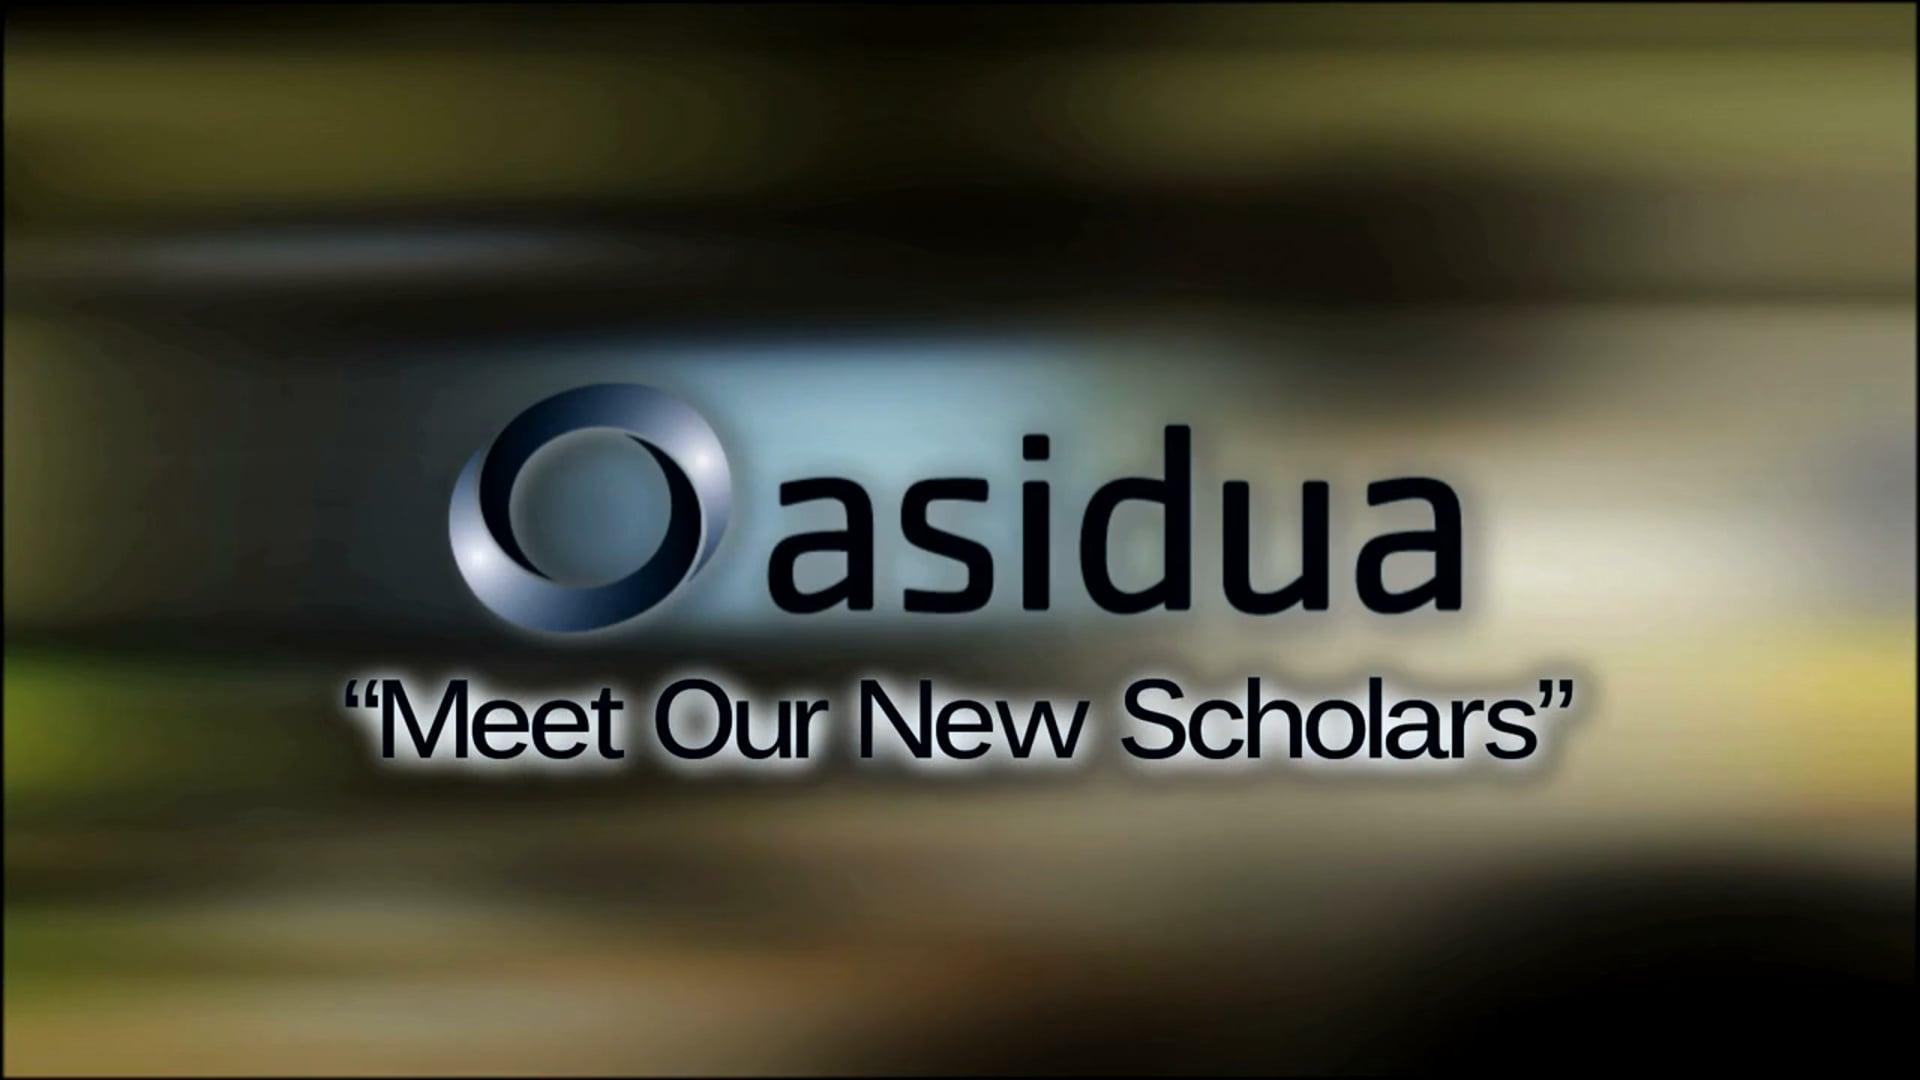 Asidua